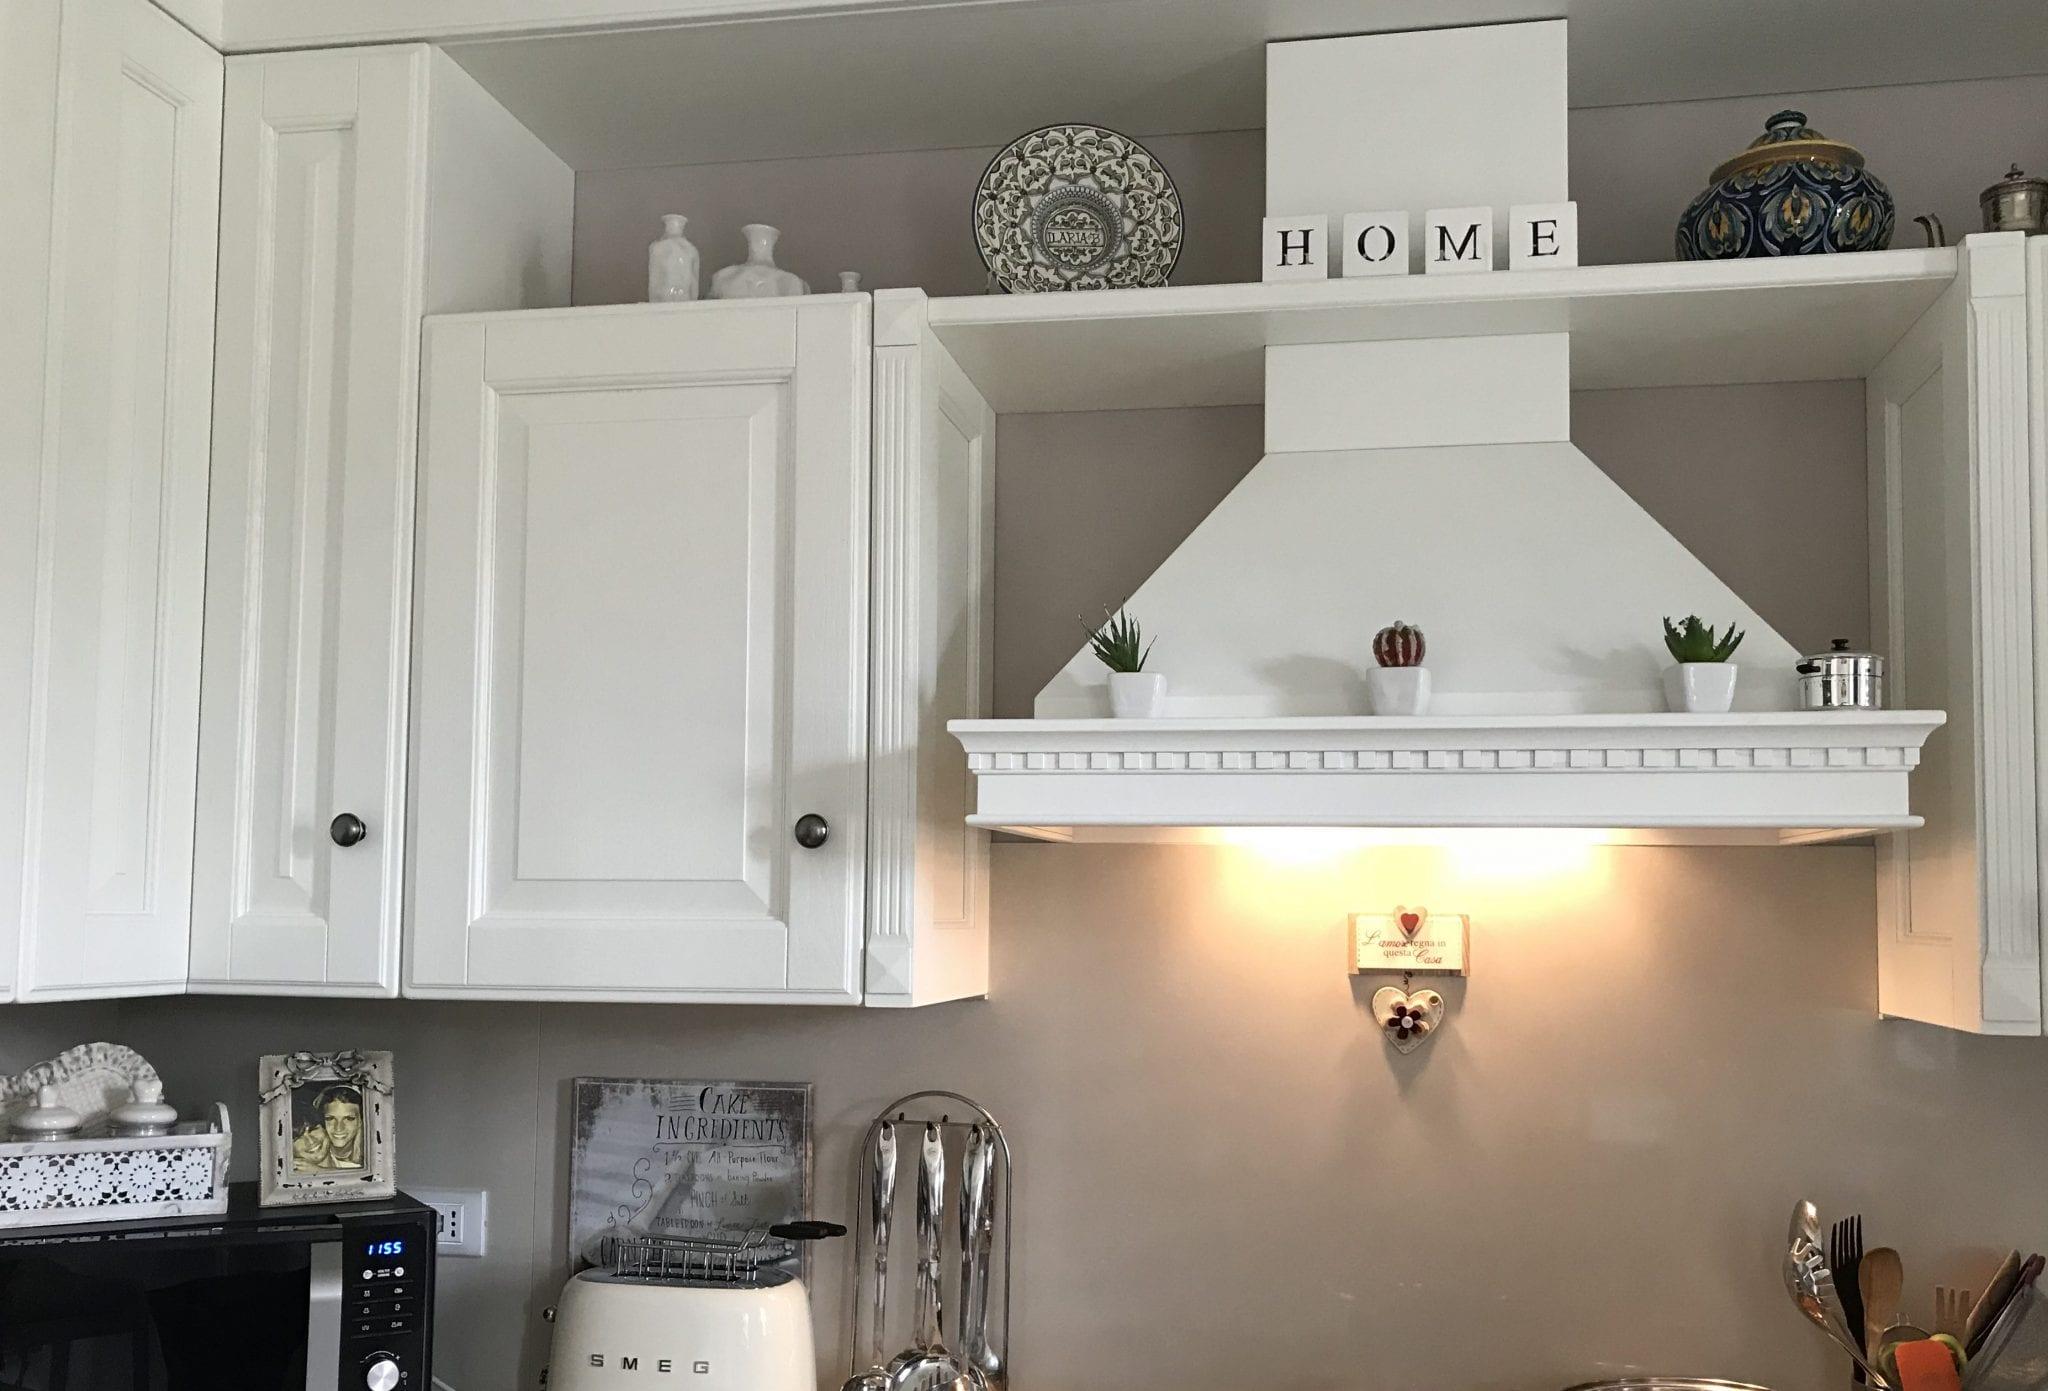 cucina: i miei 5 piccoli elettrodomestici preferiti